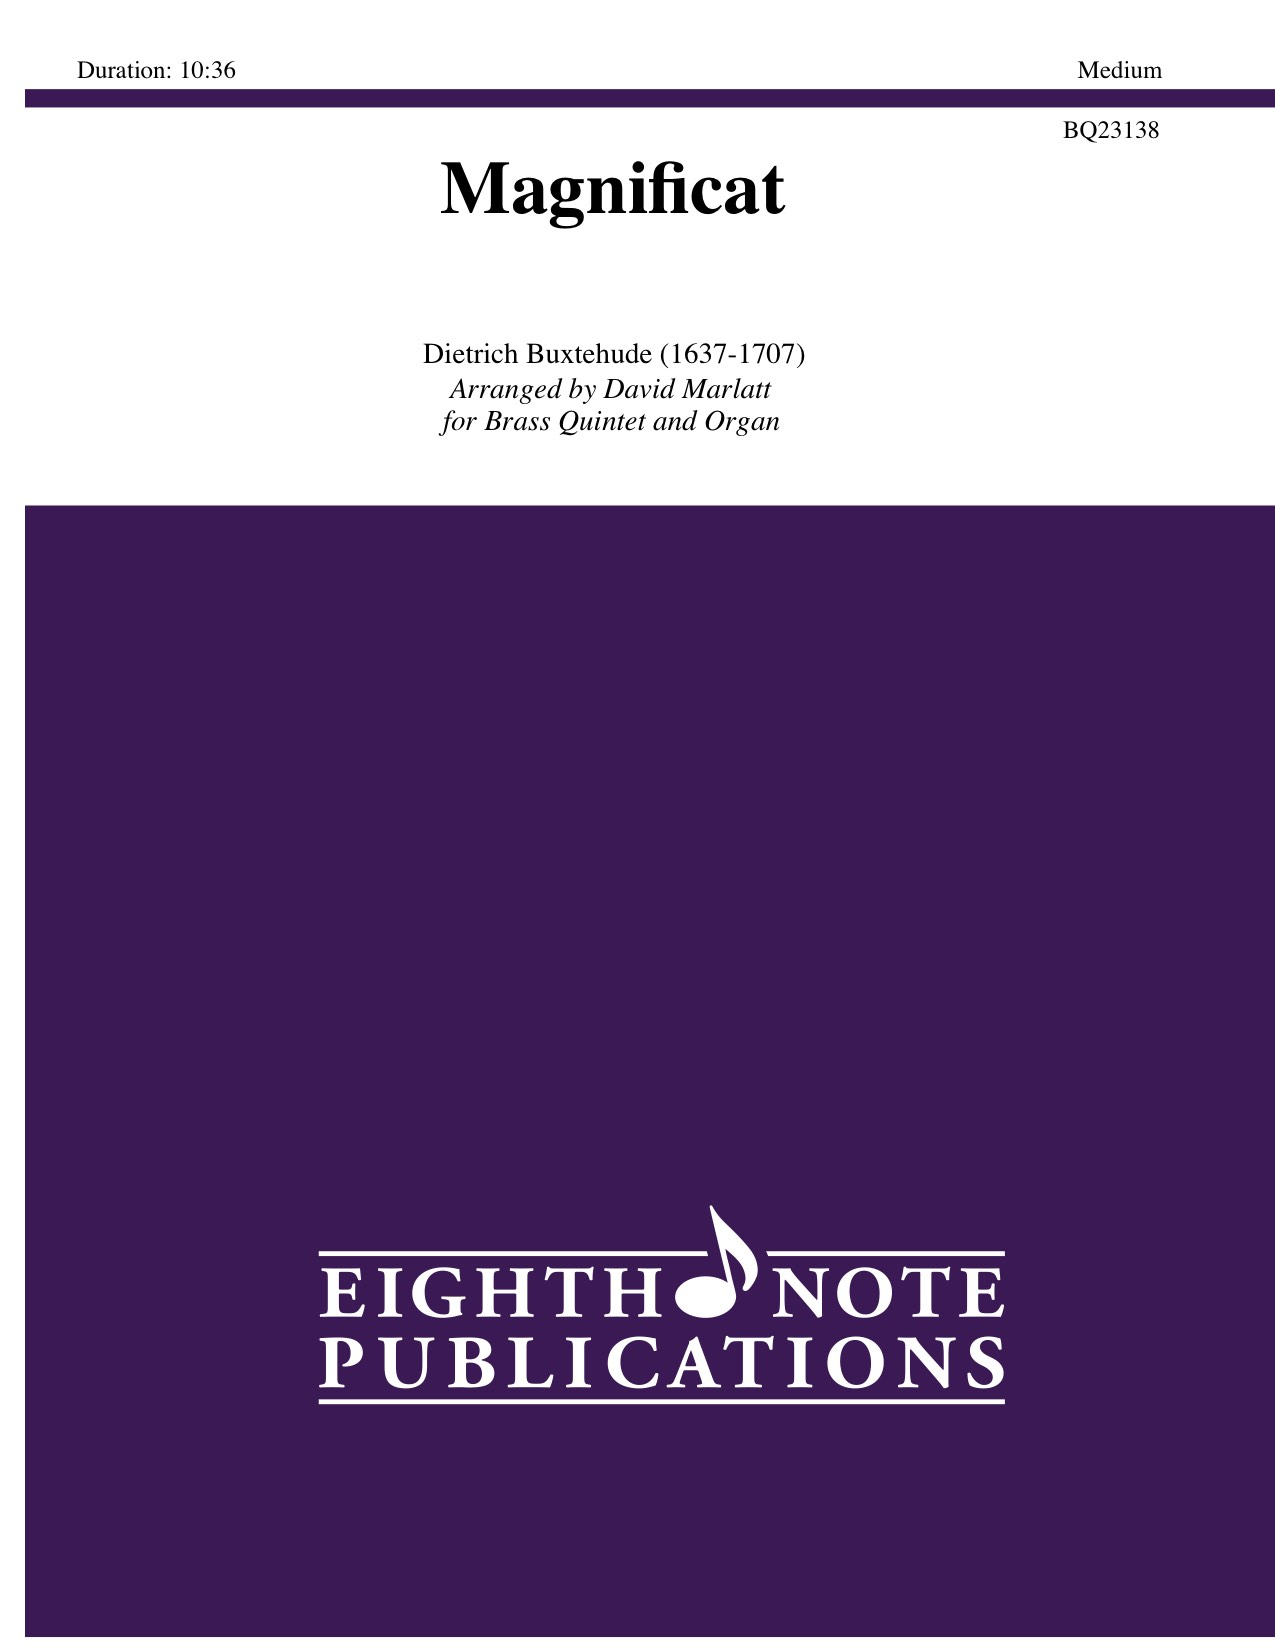 Magnificat - Dietrich Buxtehude